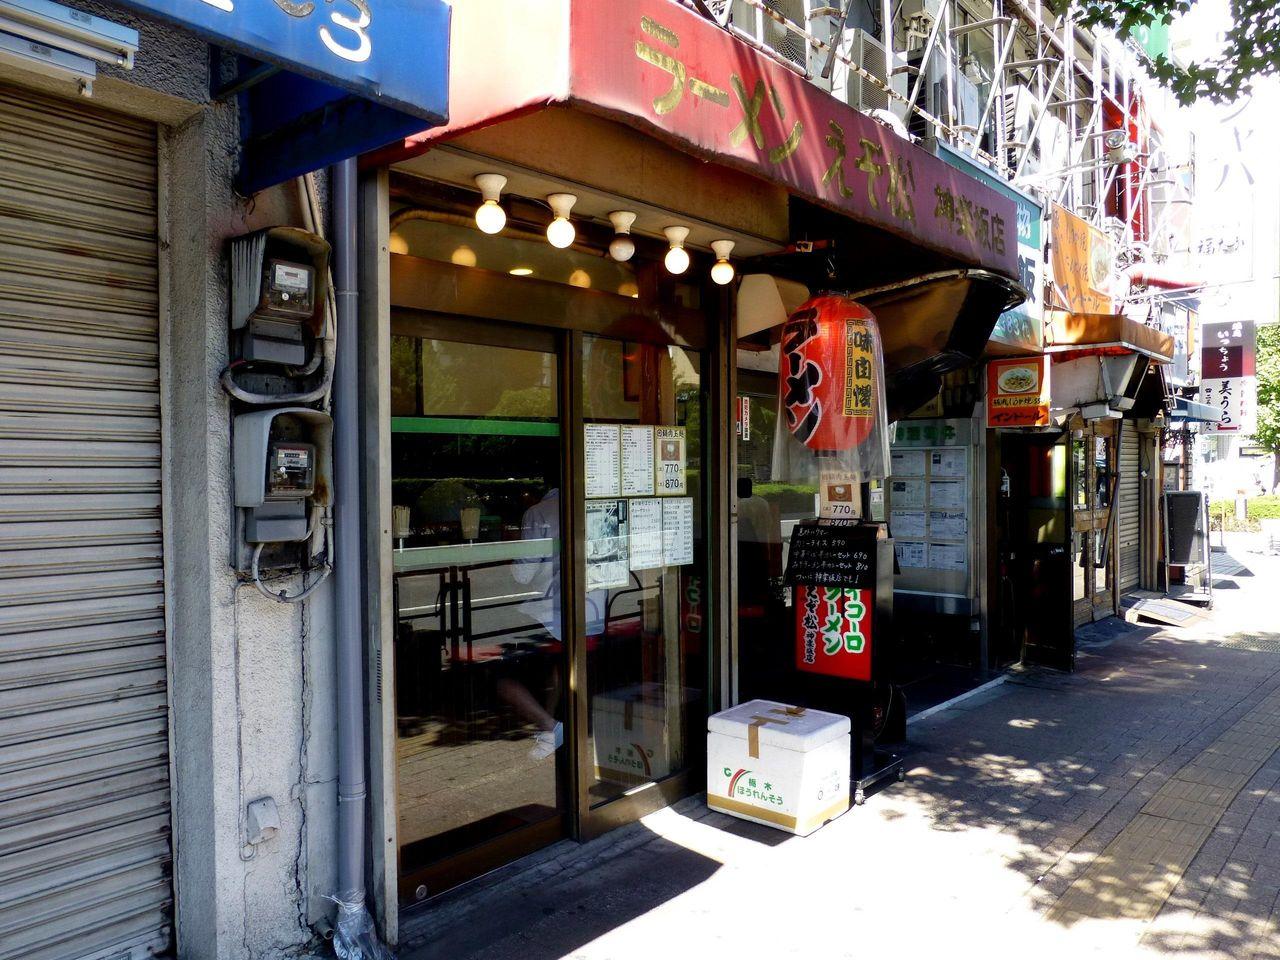 えぞ松神楽坂店は、古びて年季を感じる店構えです!